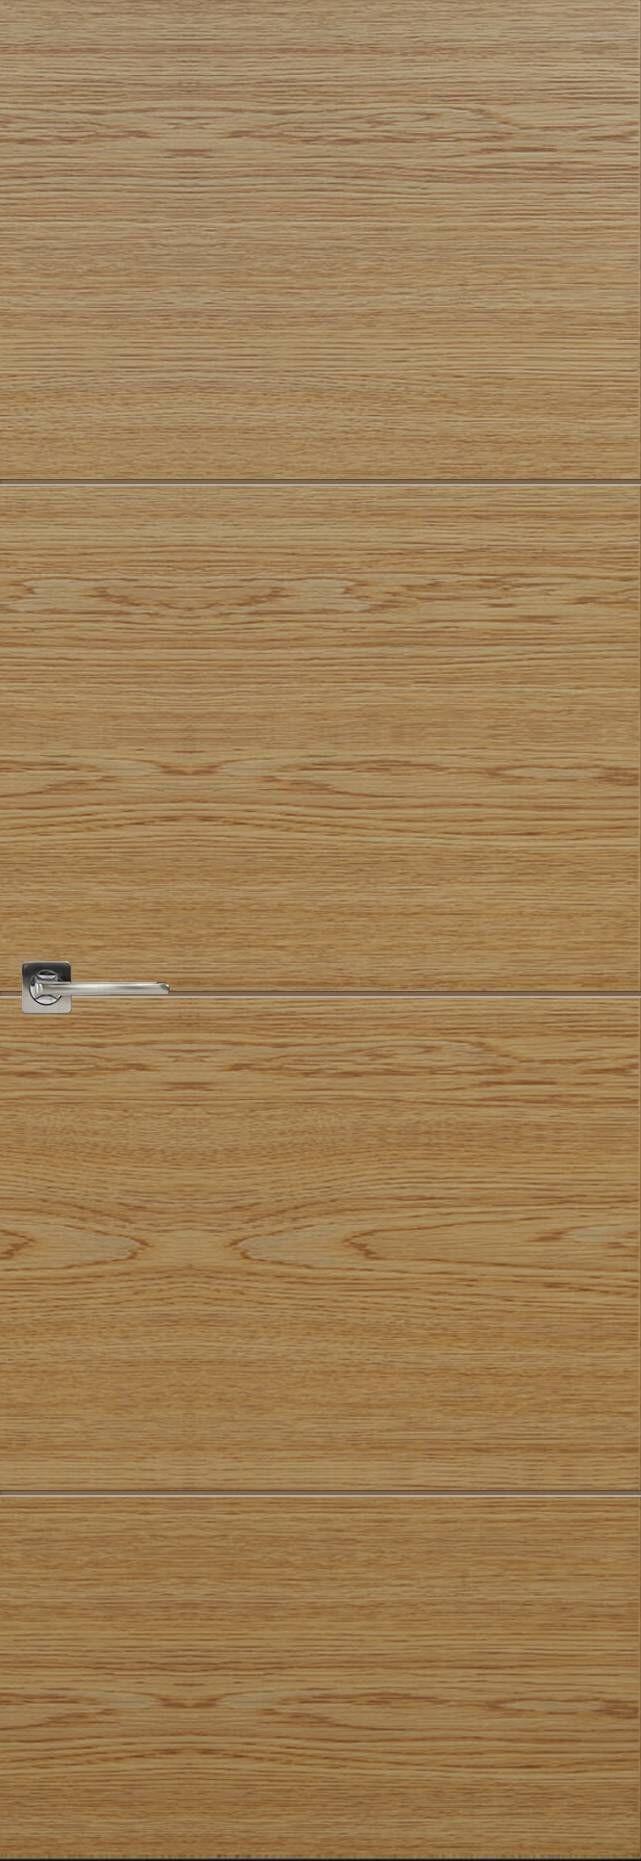 Tivoli Г-2 Invisible цвет - Дуб карамель Без стекла (ДГ)